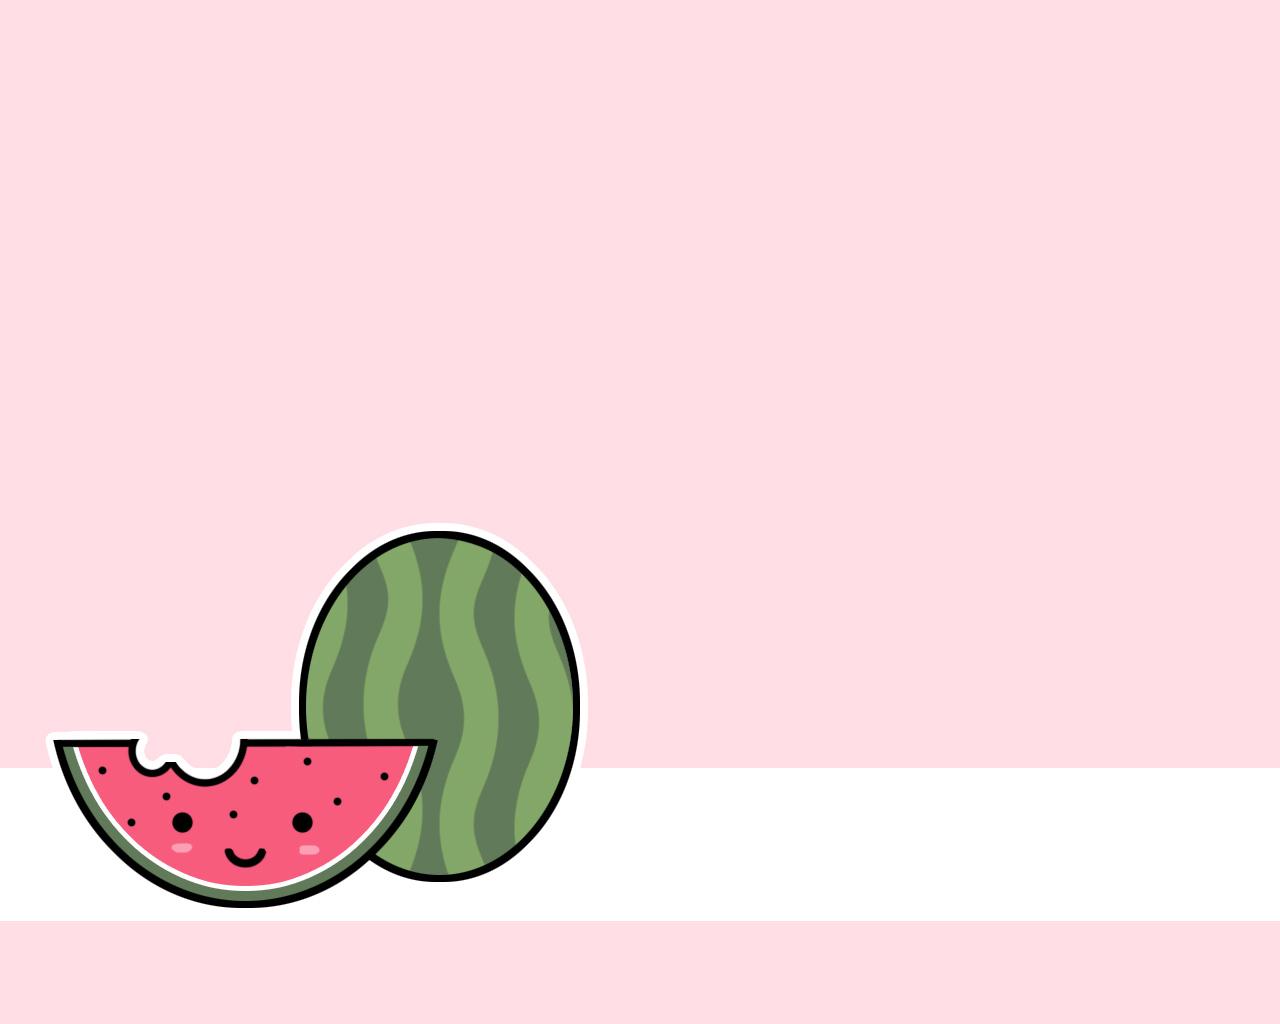 Watermelon   Kawaii Wallpaper 535362 1280x1024